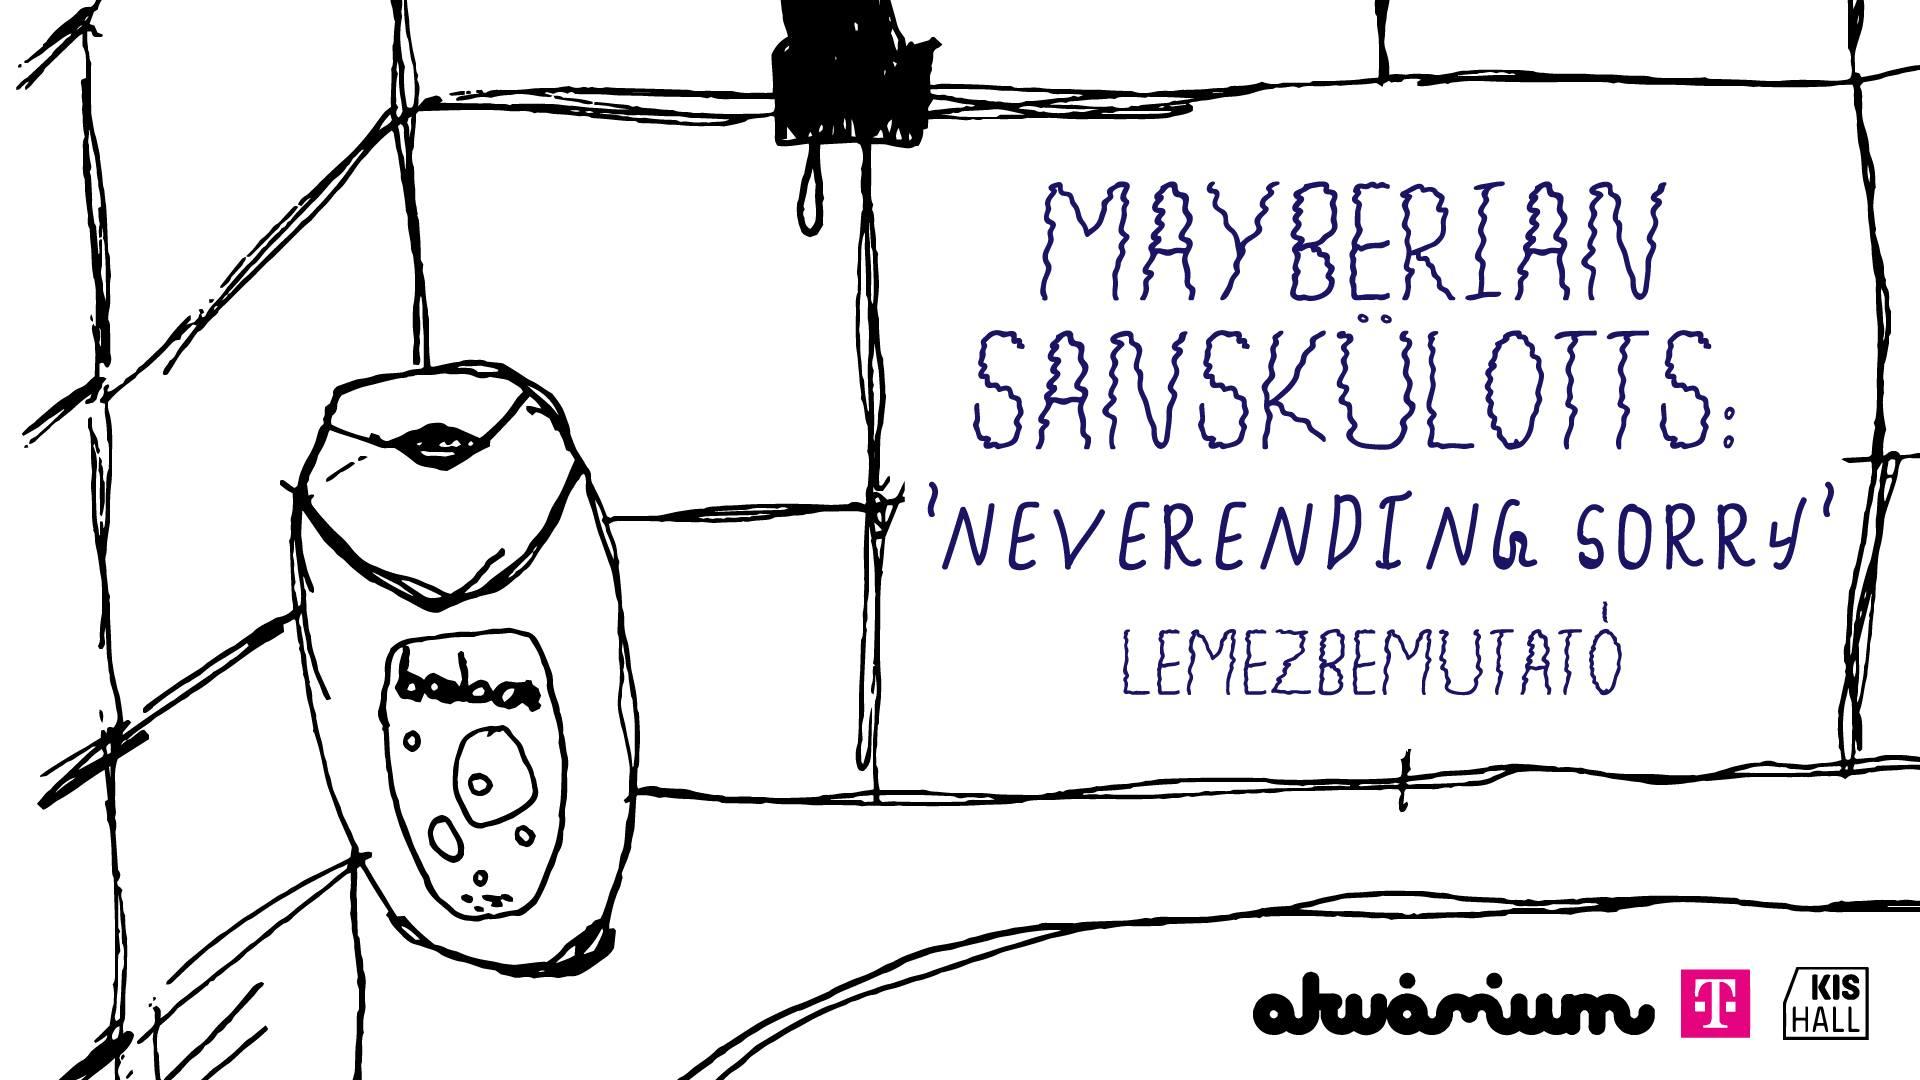 Mayberian Sanskülotts - Neverending Sorry / Lemezbemutató @ Akvárium Klub | Budapest | Magyarország